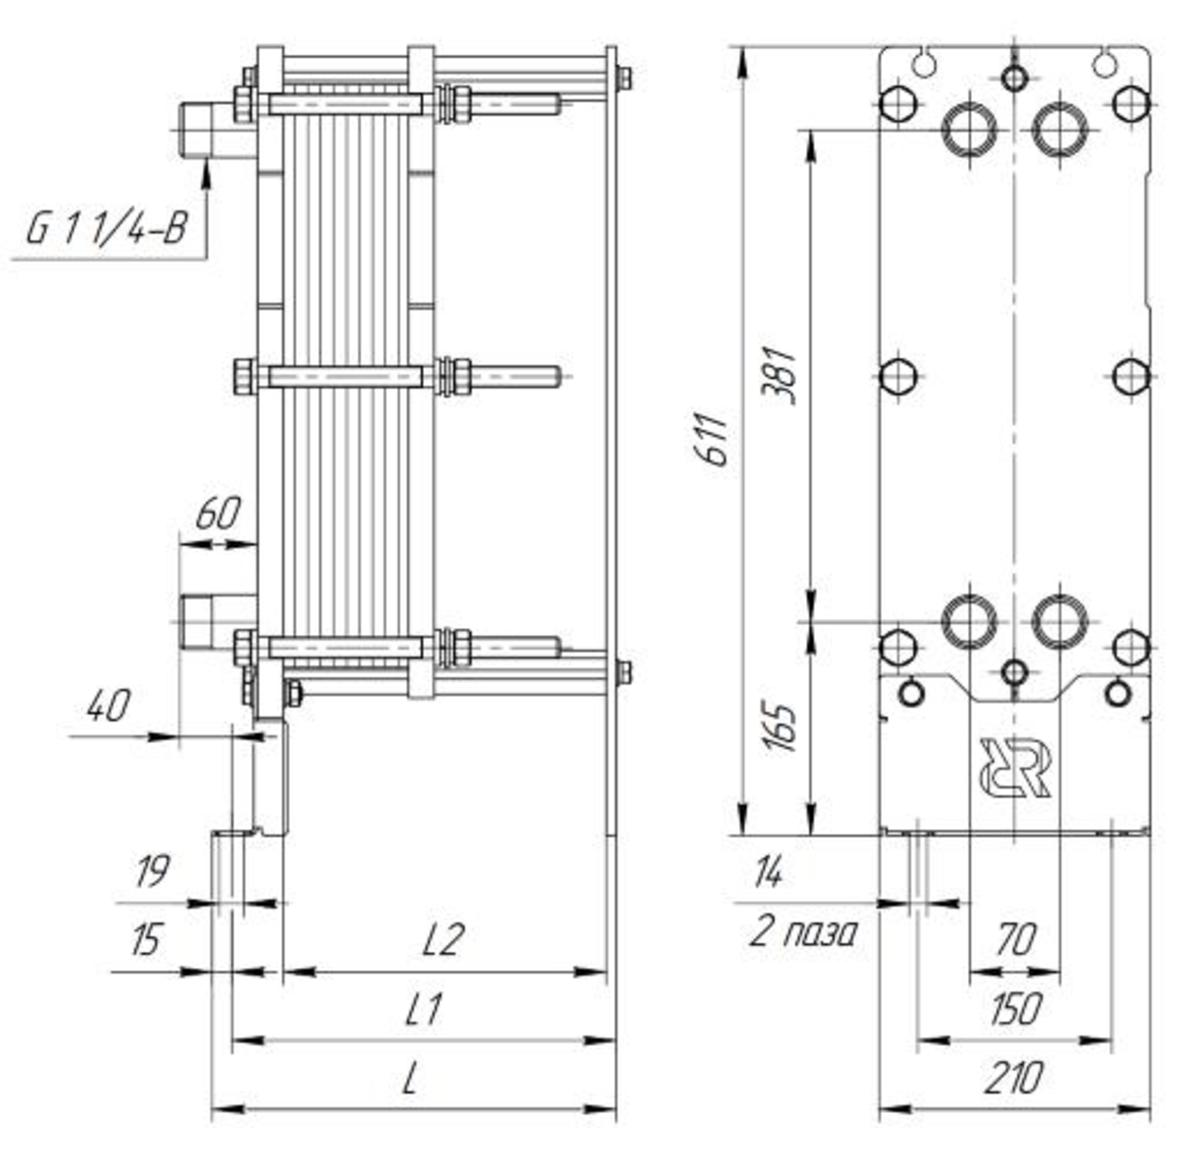 Теплообменник ридан нн 41 цены Уплотнения теплообменника Tranter GX-042 P Салават